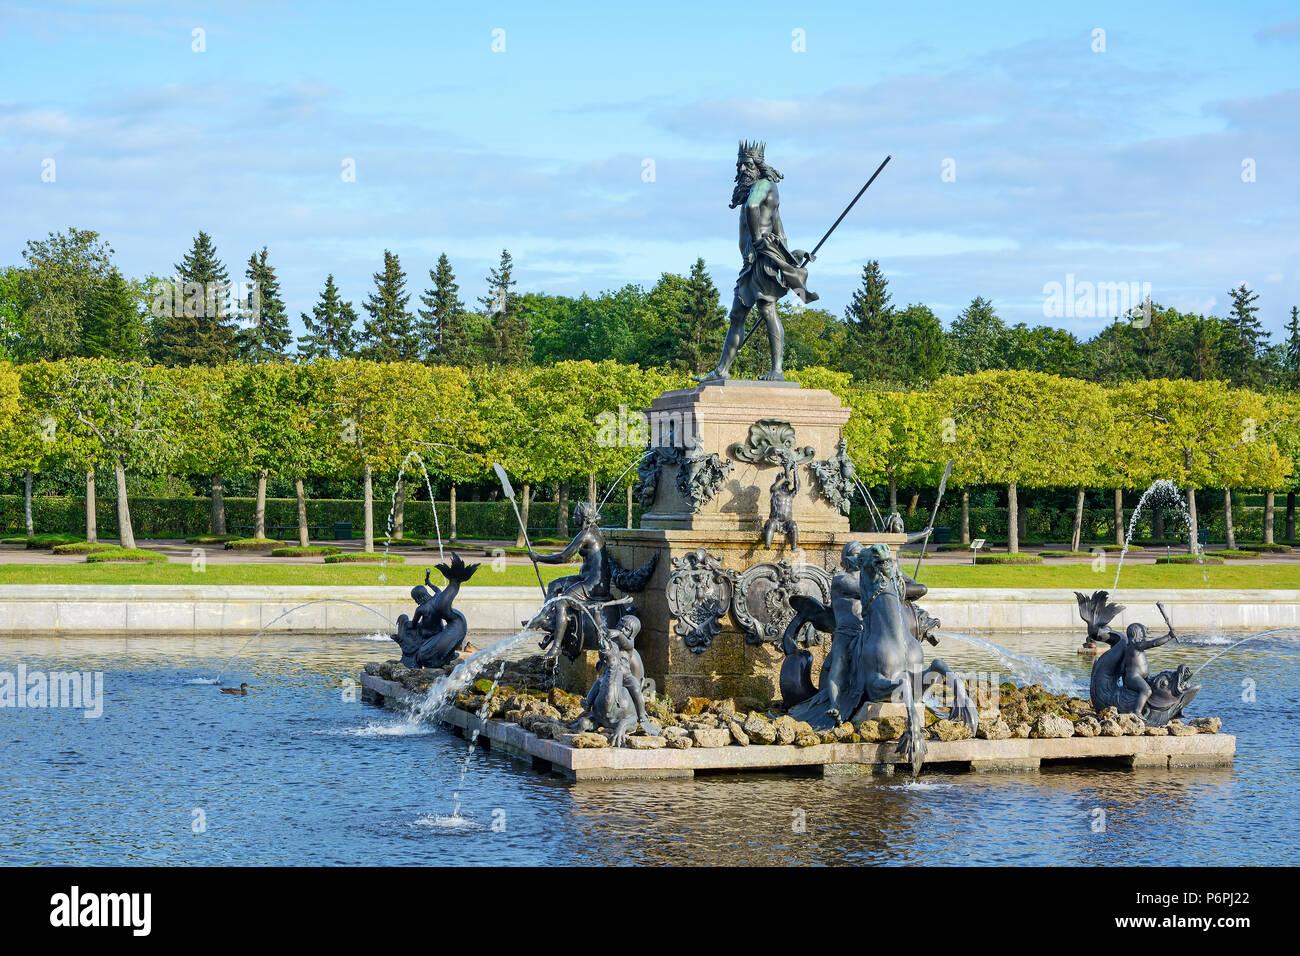 Bassin Fontaine De Jardin peterhof, bassin avec fontaine de neptune dans le jardin